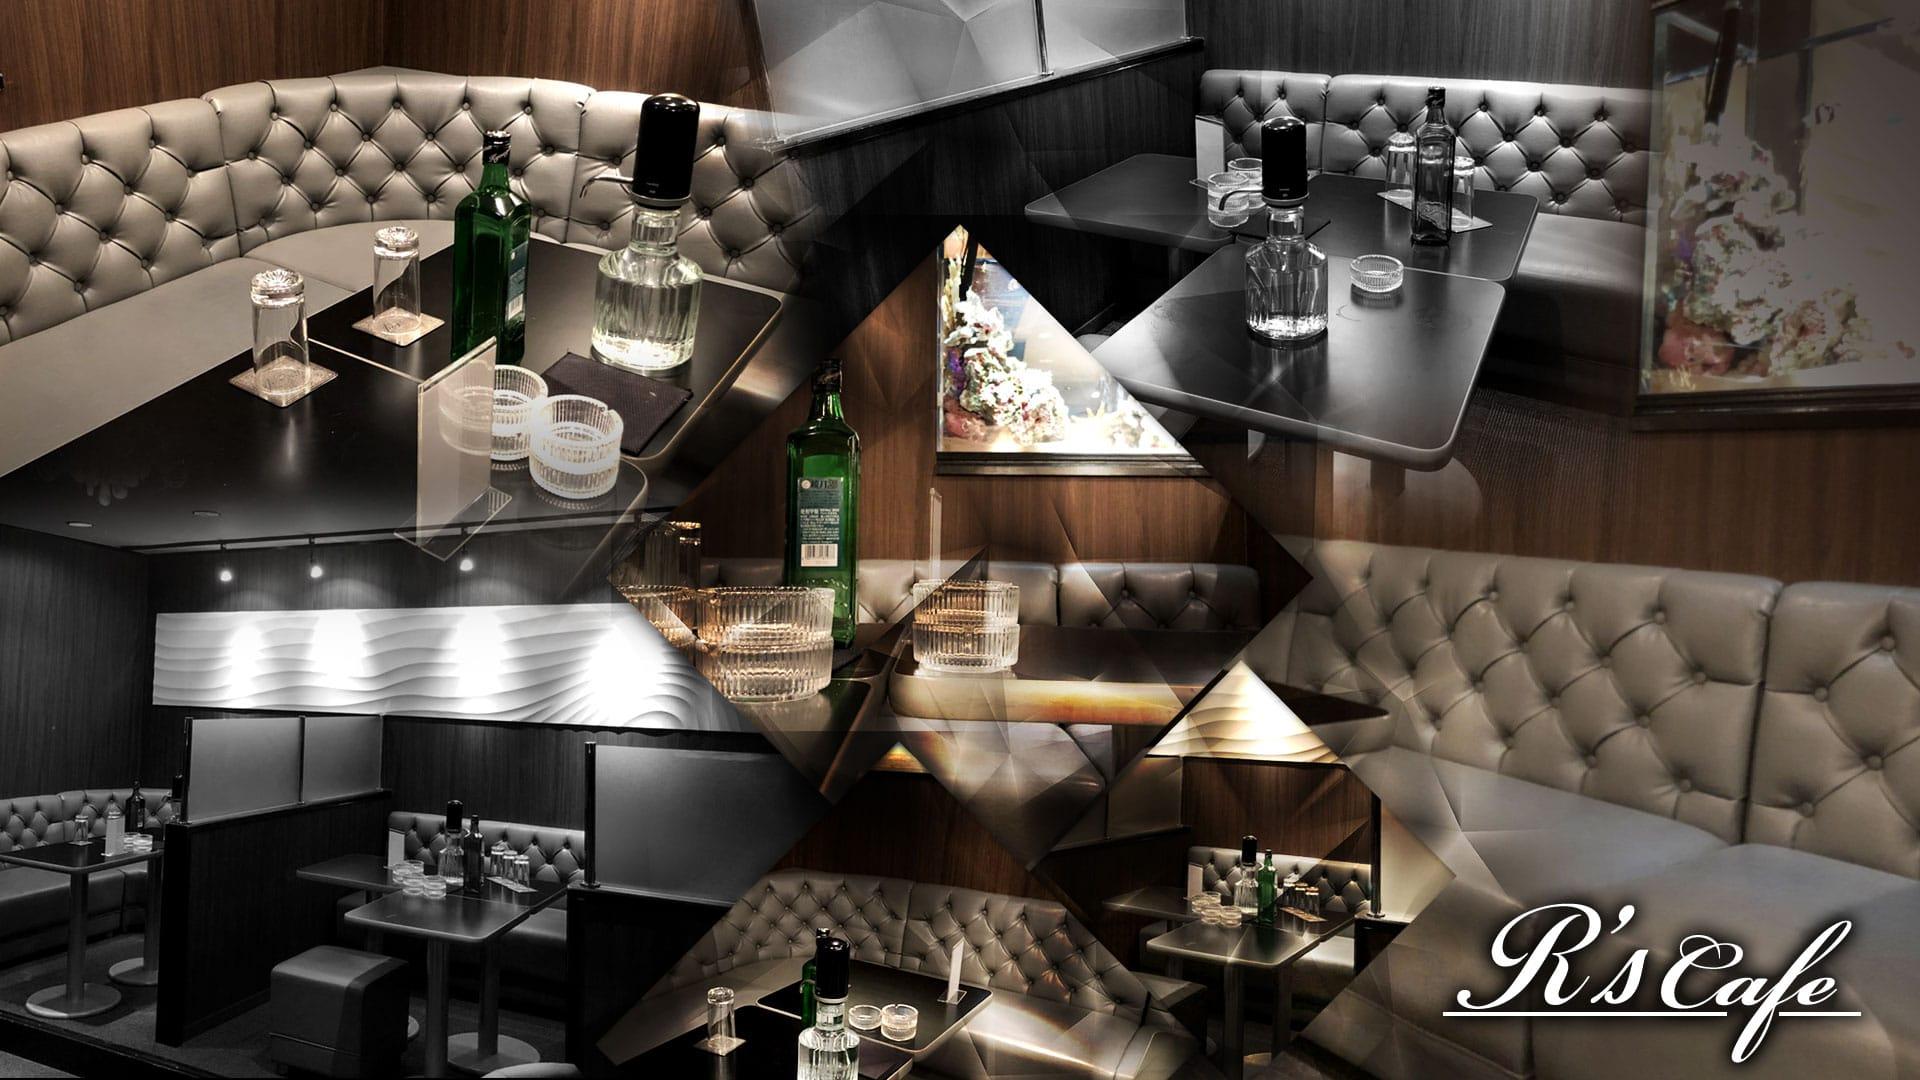 R's cafe(アールズカフェ) TOP画像